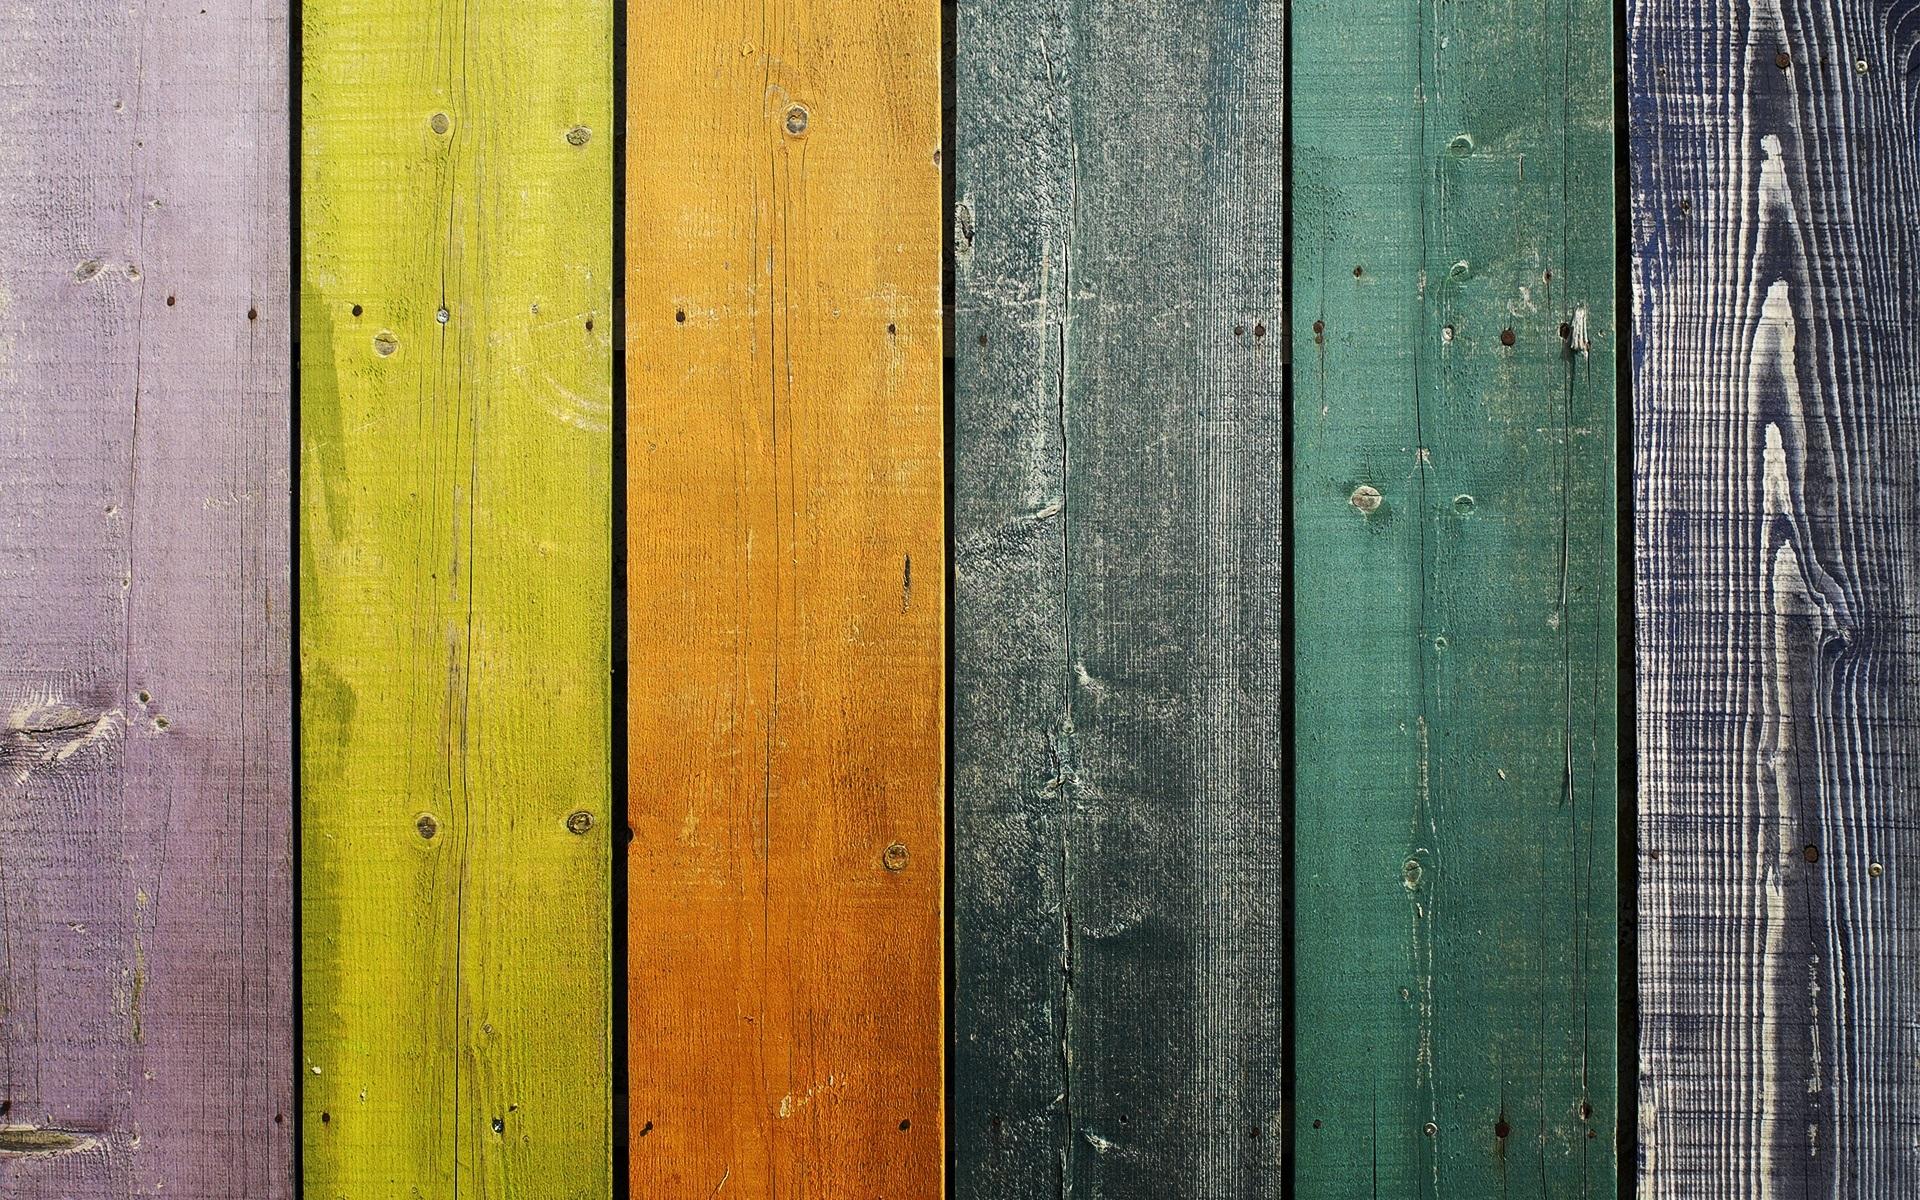 Fondos de pantalla tablero de madera de fondo los colores for Fondos de pantalla full hd colores